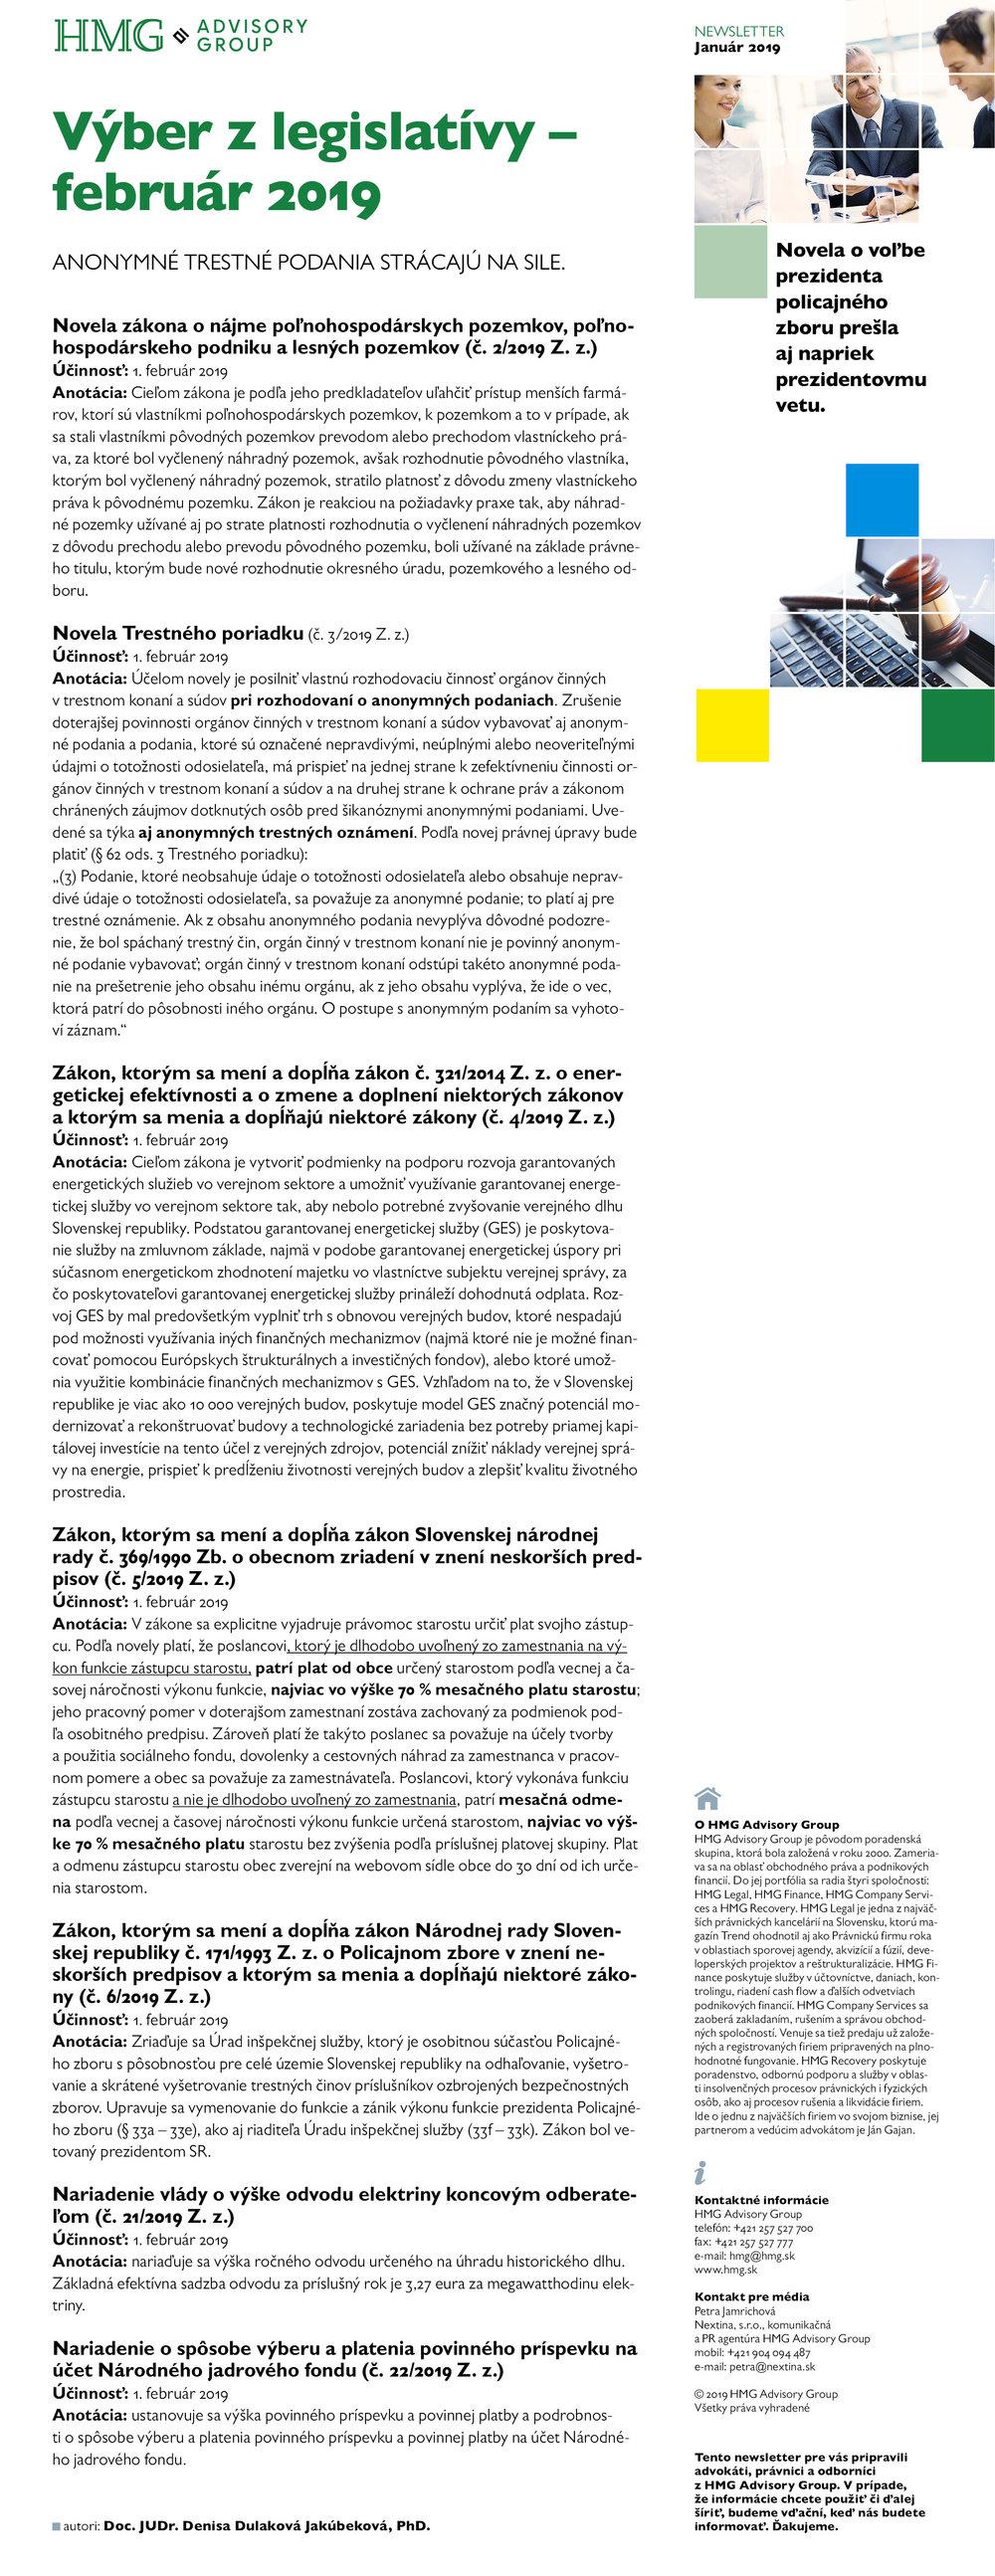 HMG_newsletter_legislativa.jpg